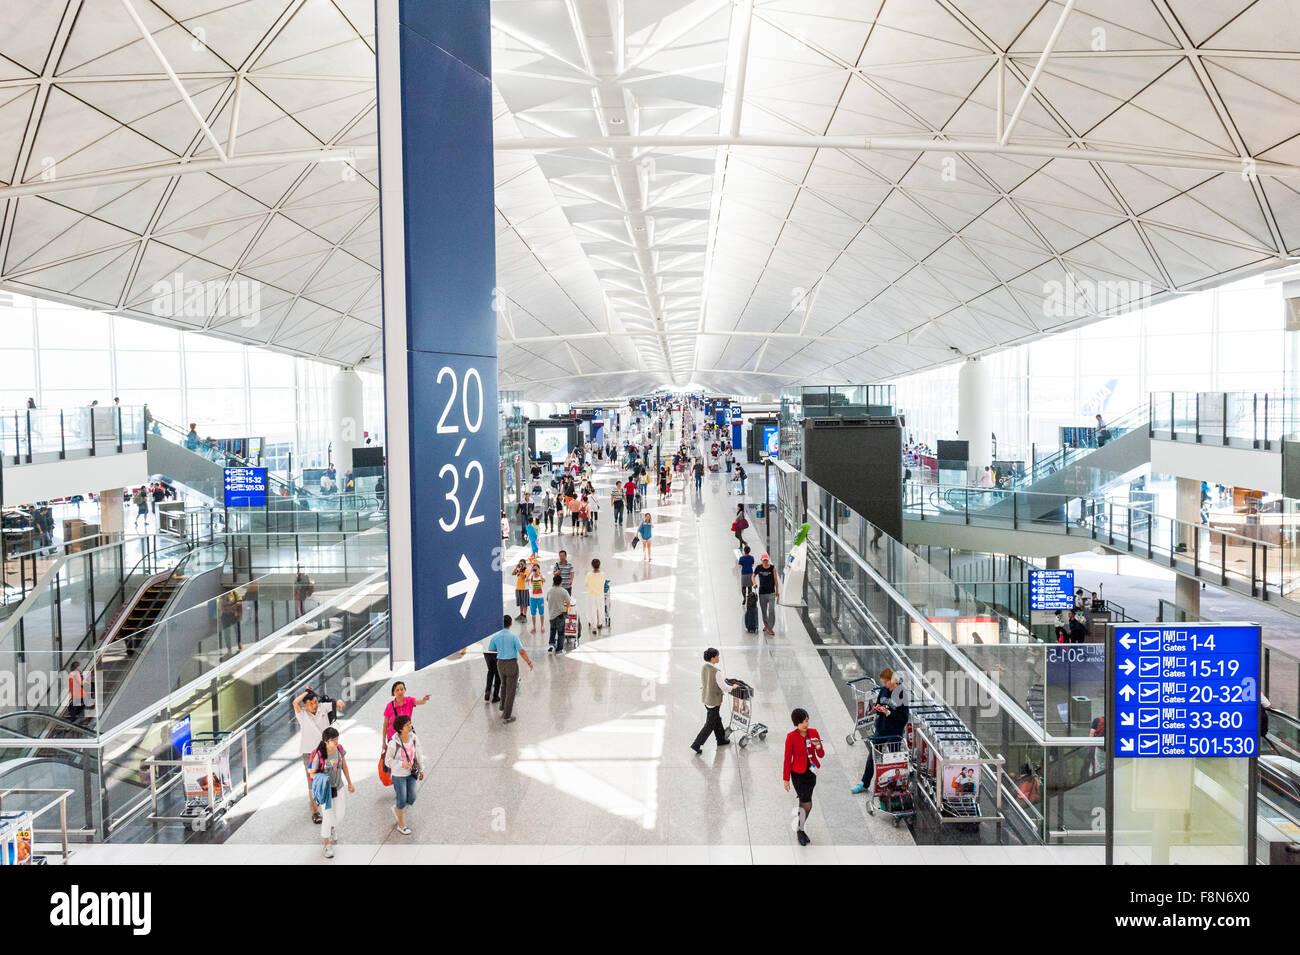 Hong Kong Chek Lap Kok International Airport, Hong Kong, China. - Stock Image